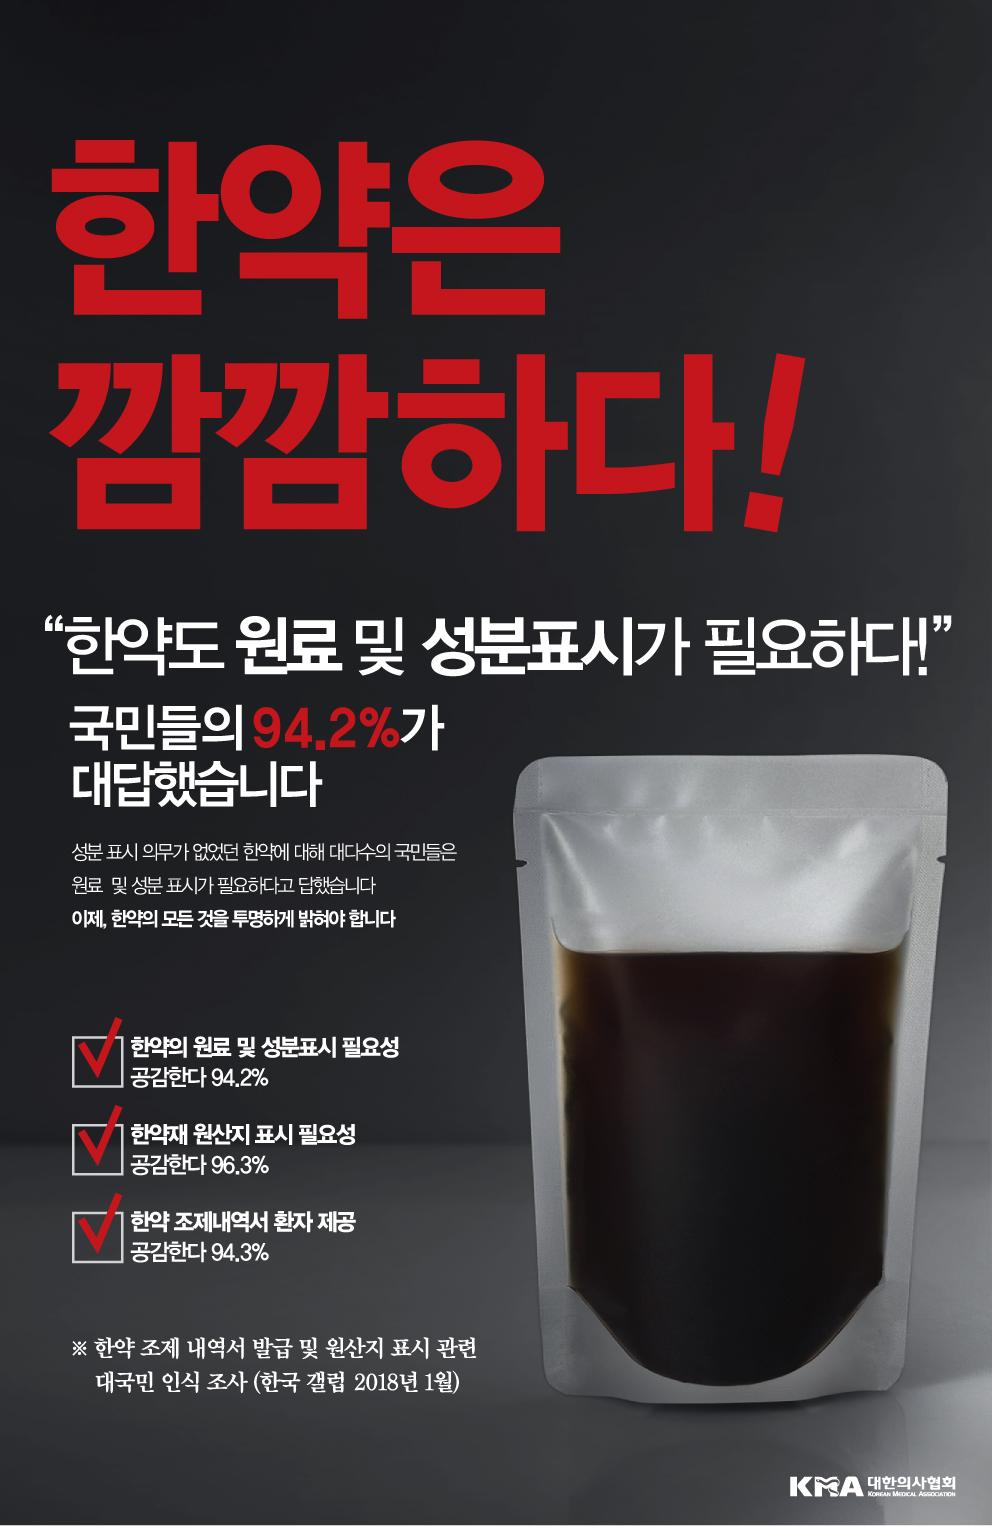 첨부_한약_신문광고_홍보파일.jpg